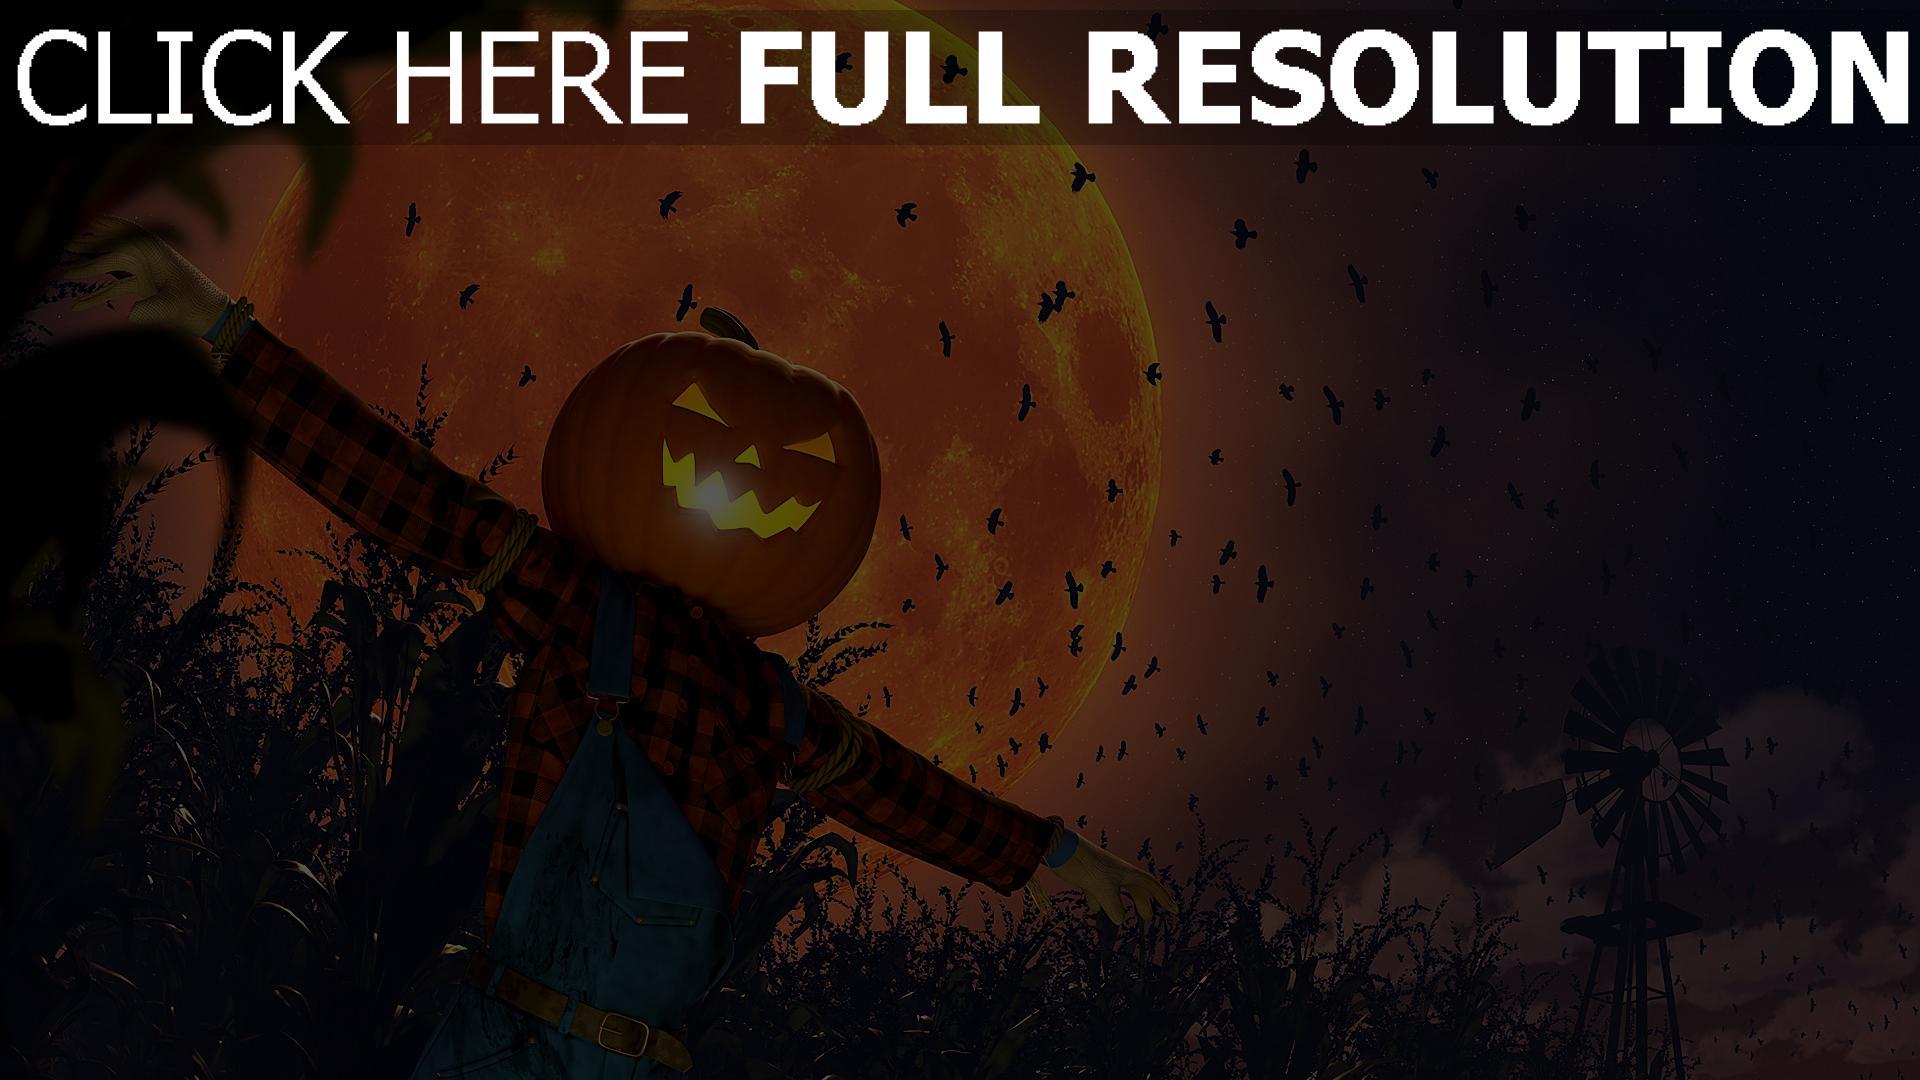 hd hintergrundbilder krähe mond jack-o-lantern vogelscheuche halloween feld 1920x1080